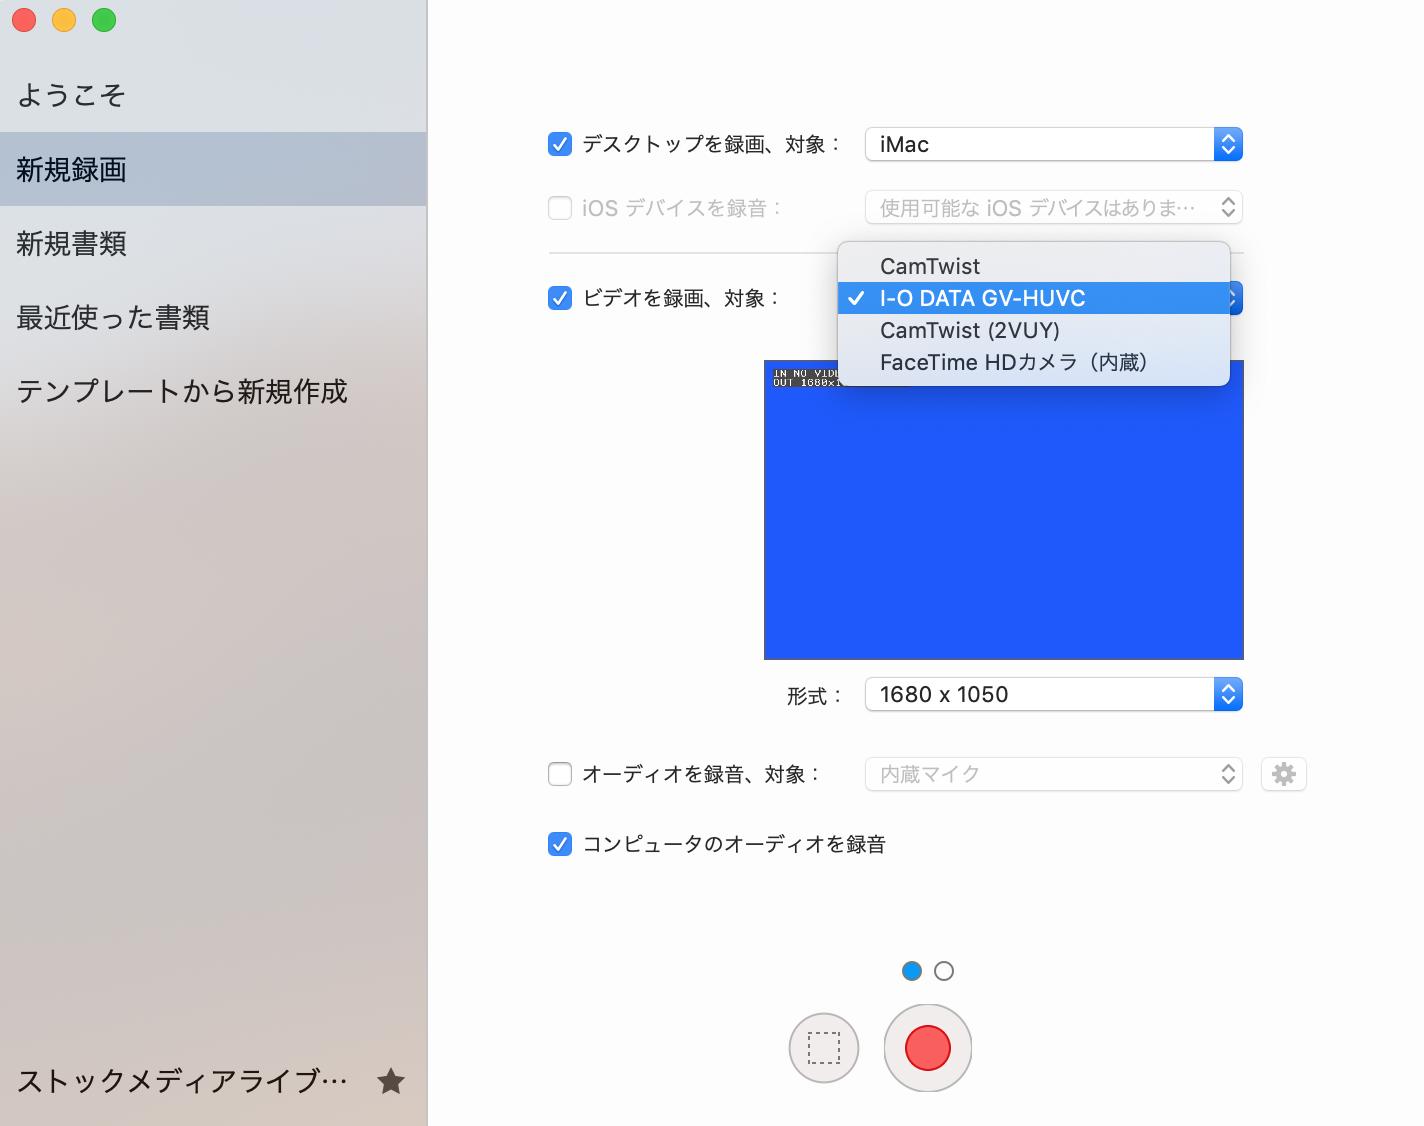 ScreenFlowの画面で連携できているか確認する